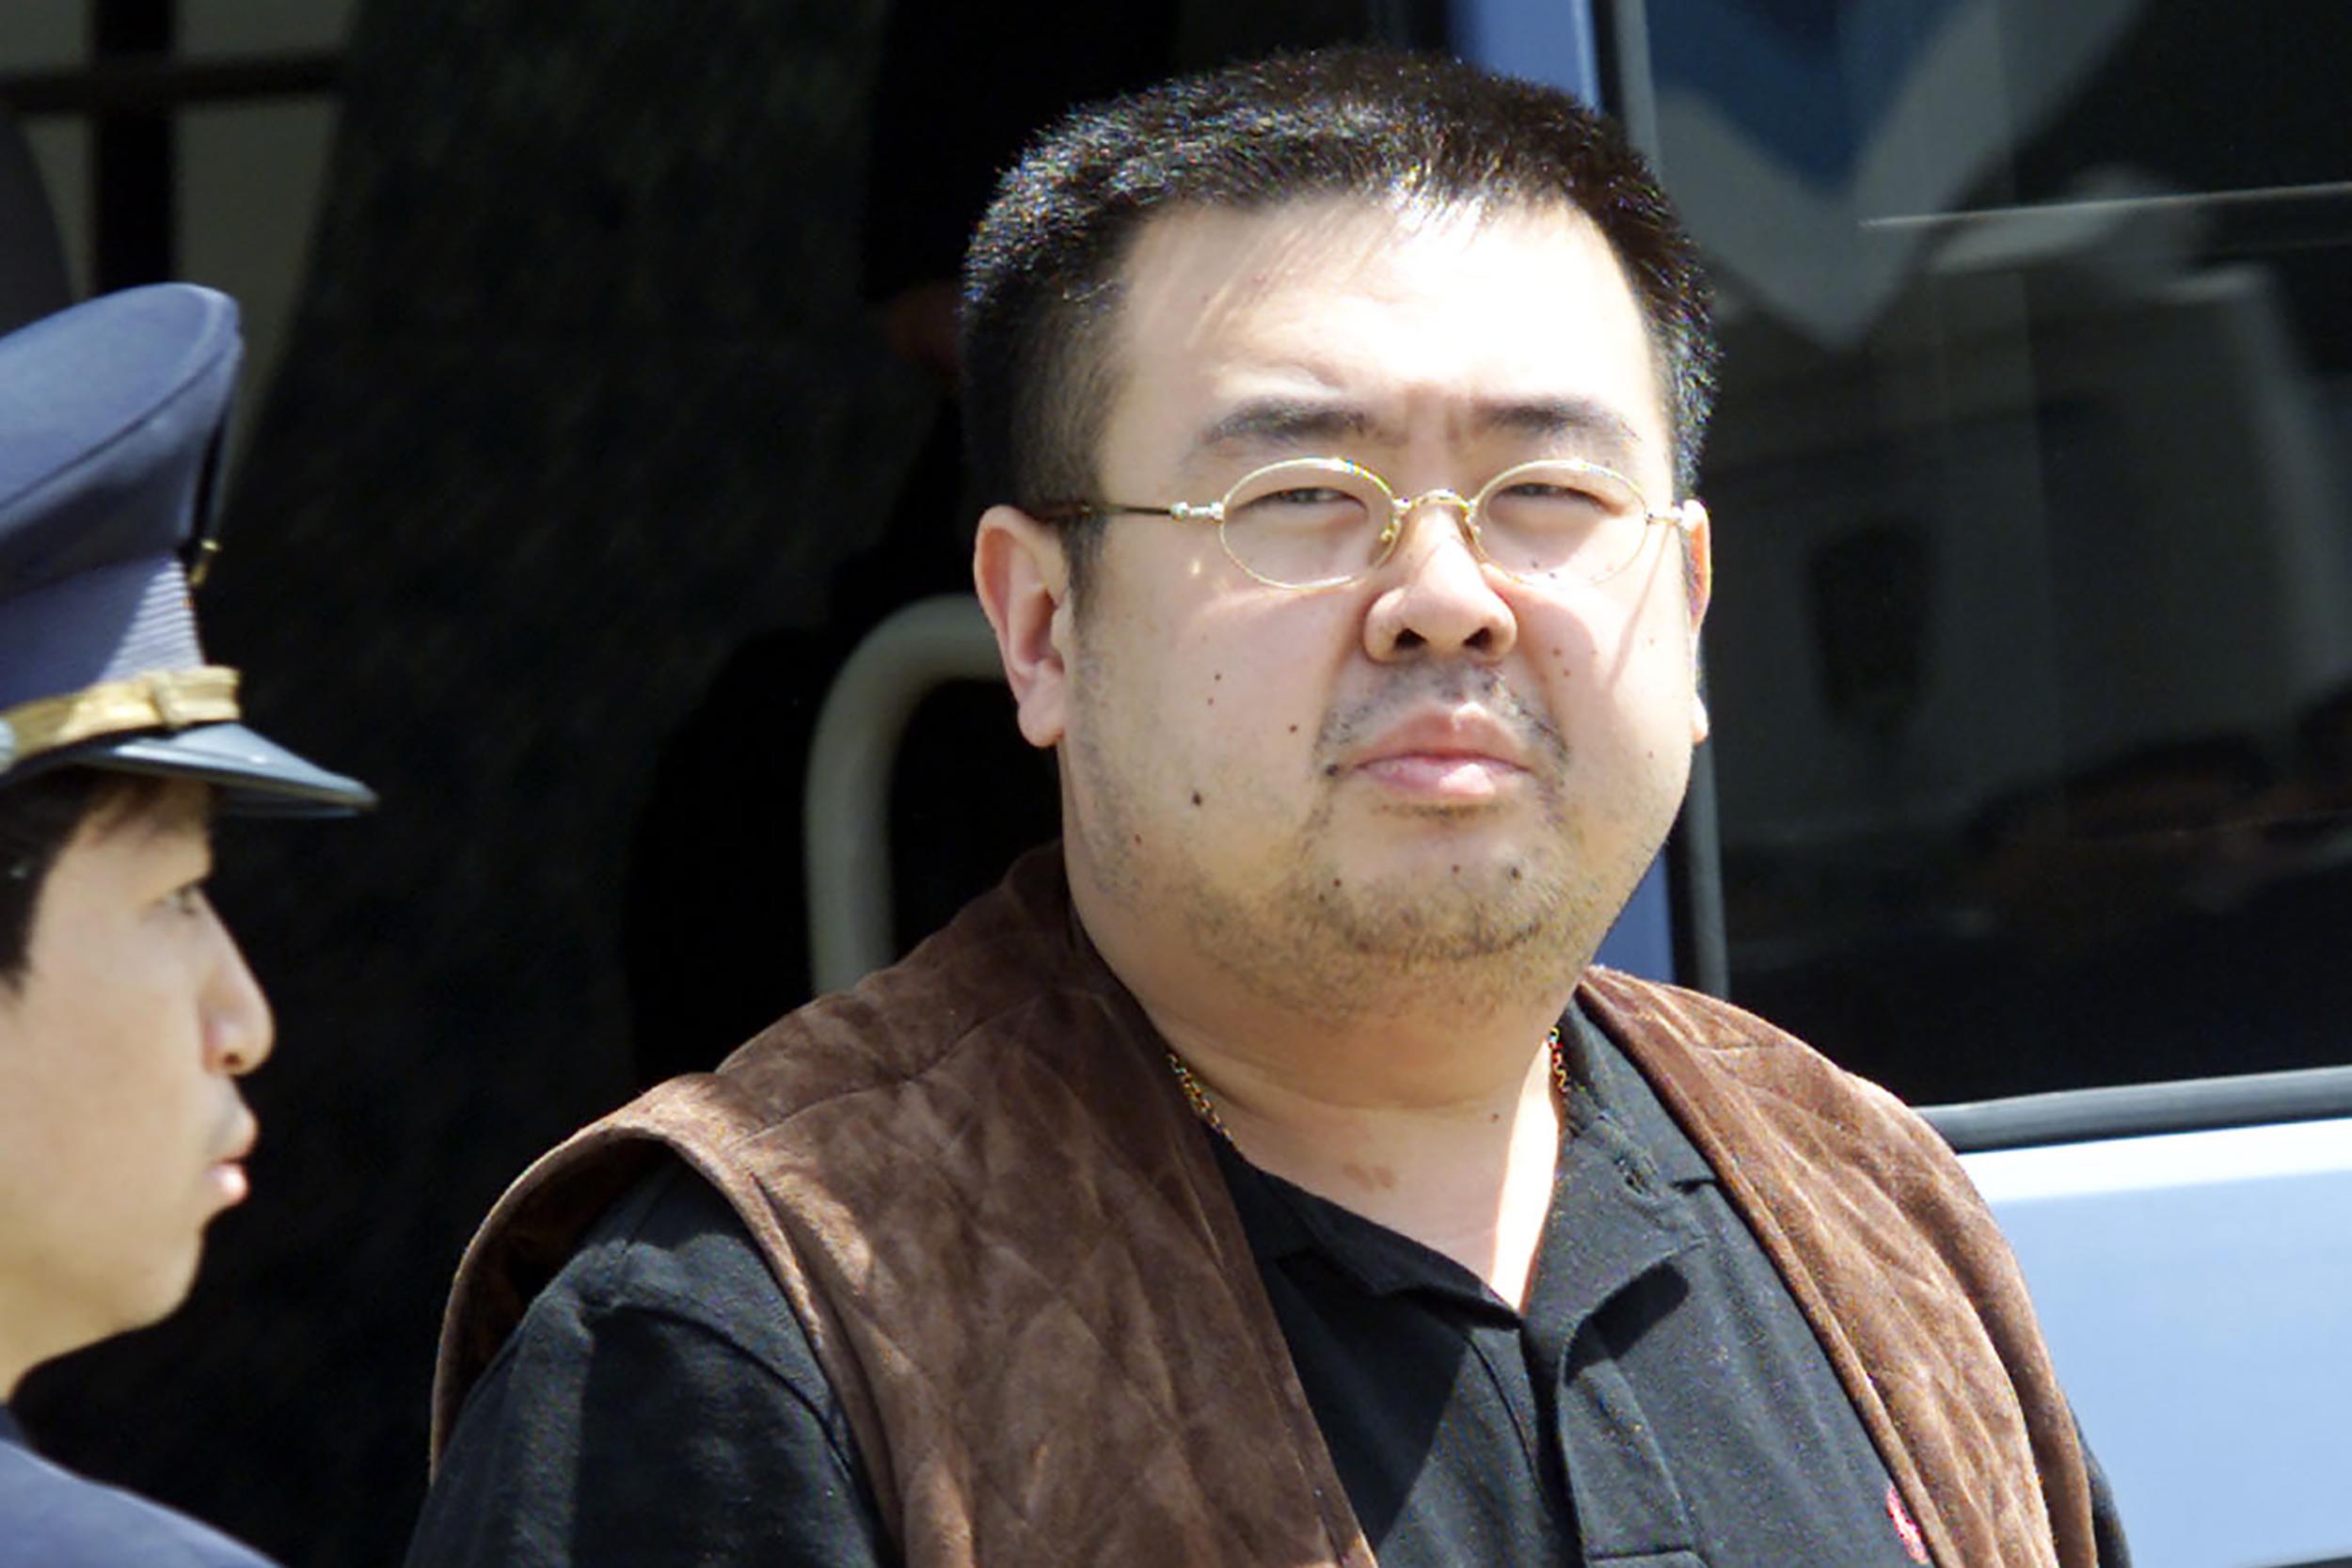 韩国朝鲜互控对方应为金正男事件负责